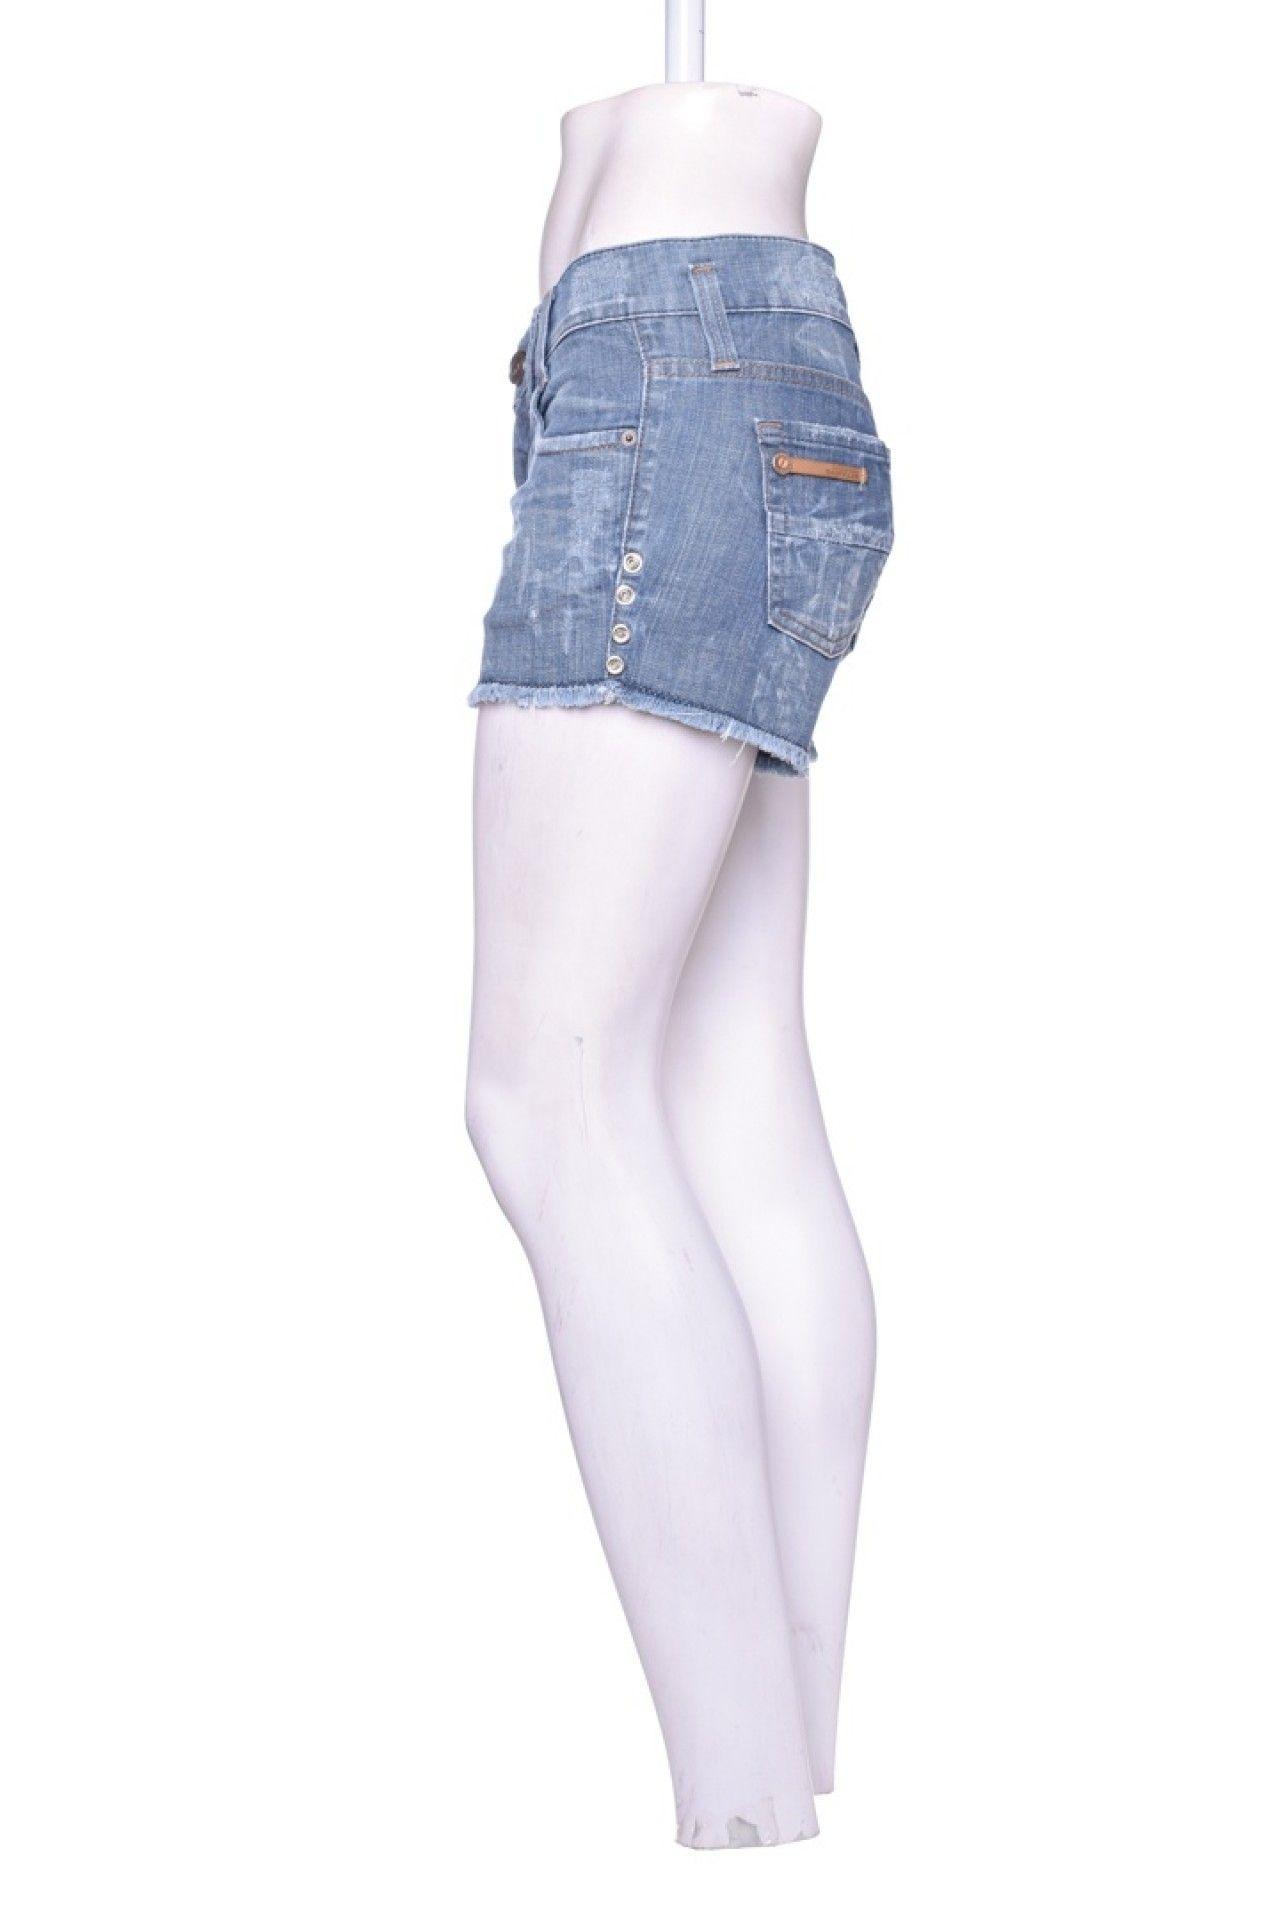 Damyller - Shorts Jeans Lavagem - Foto 2